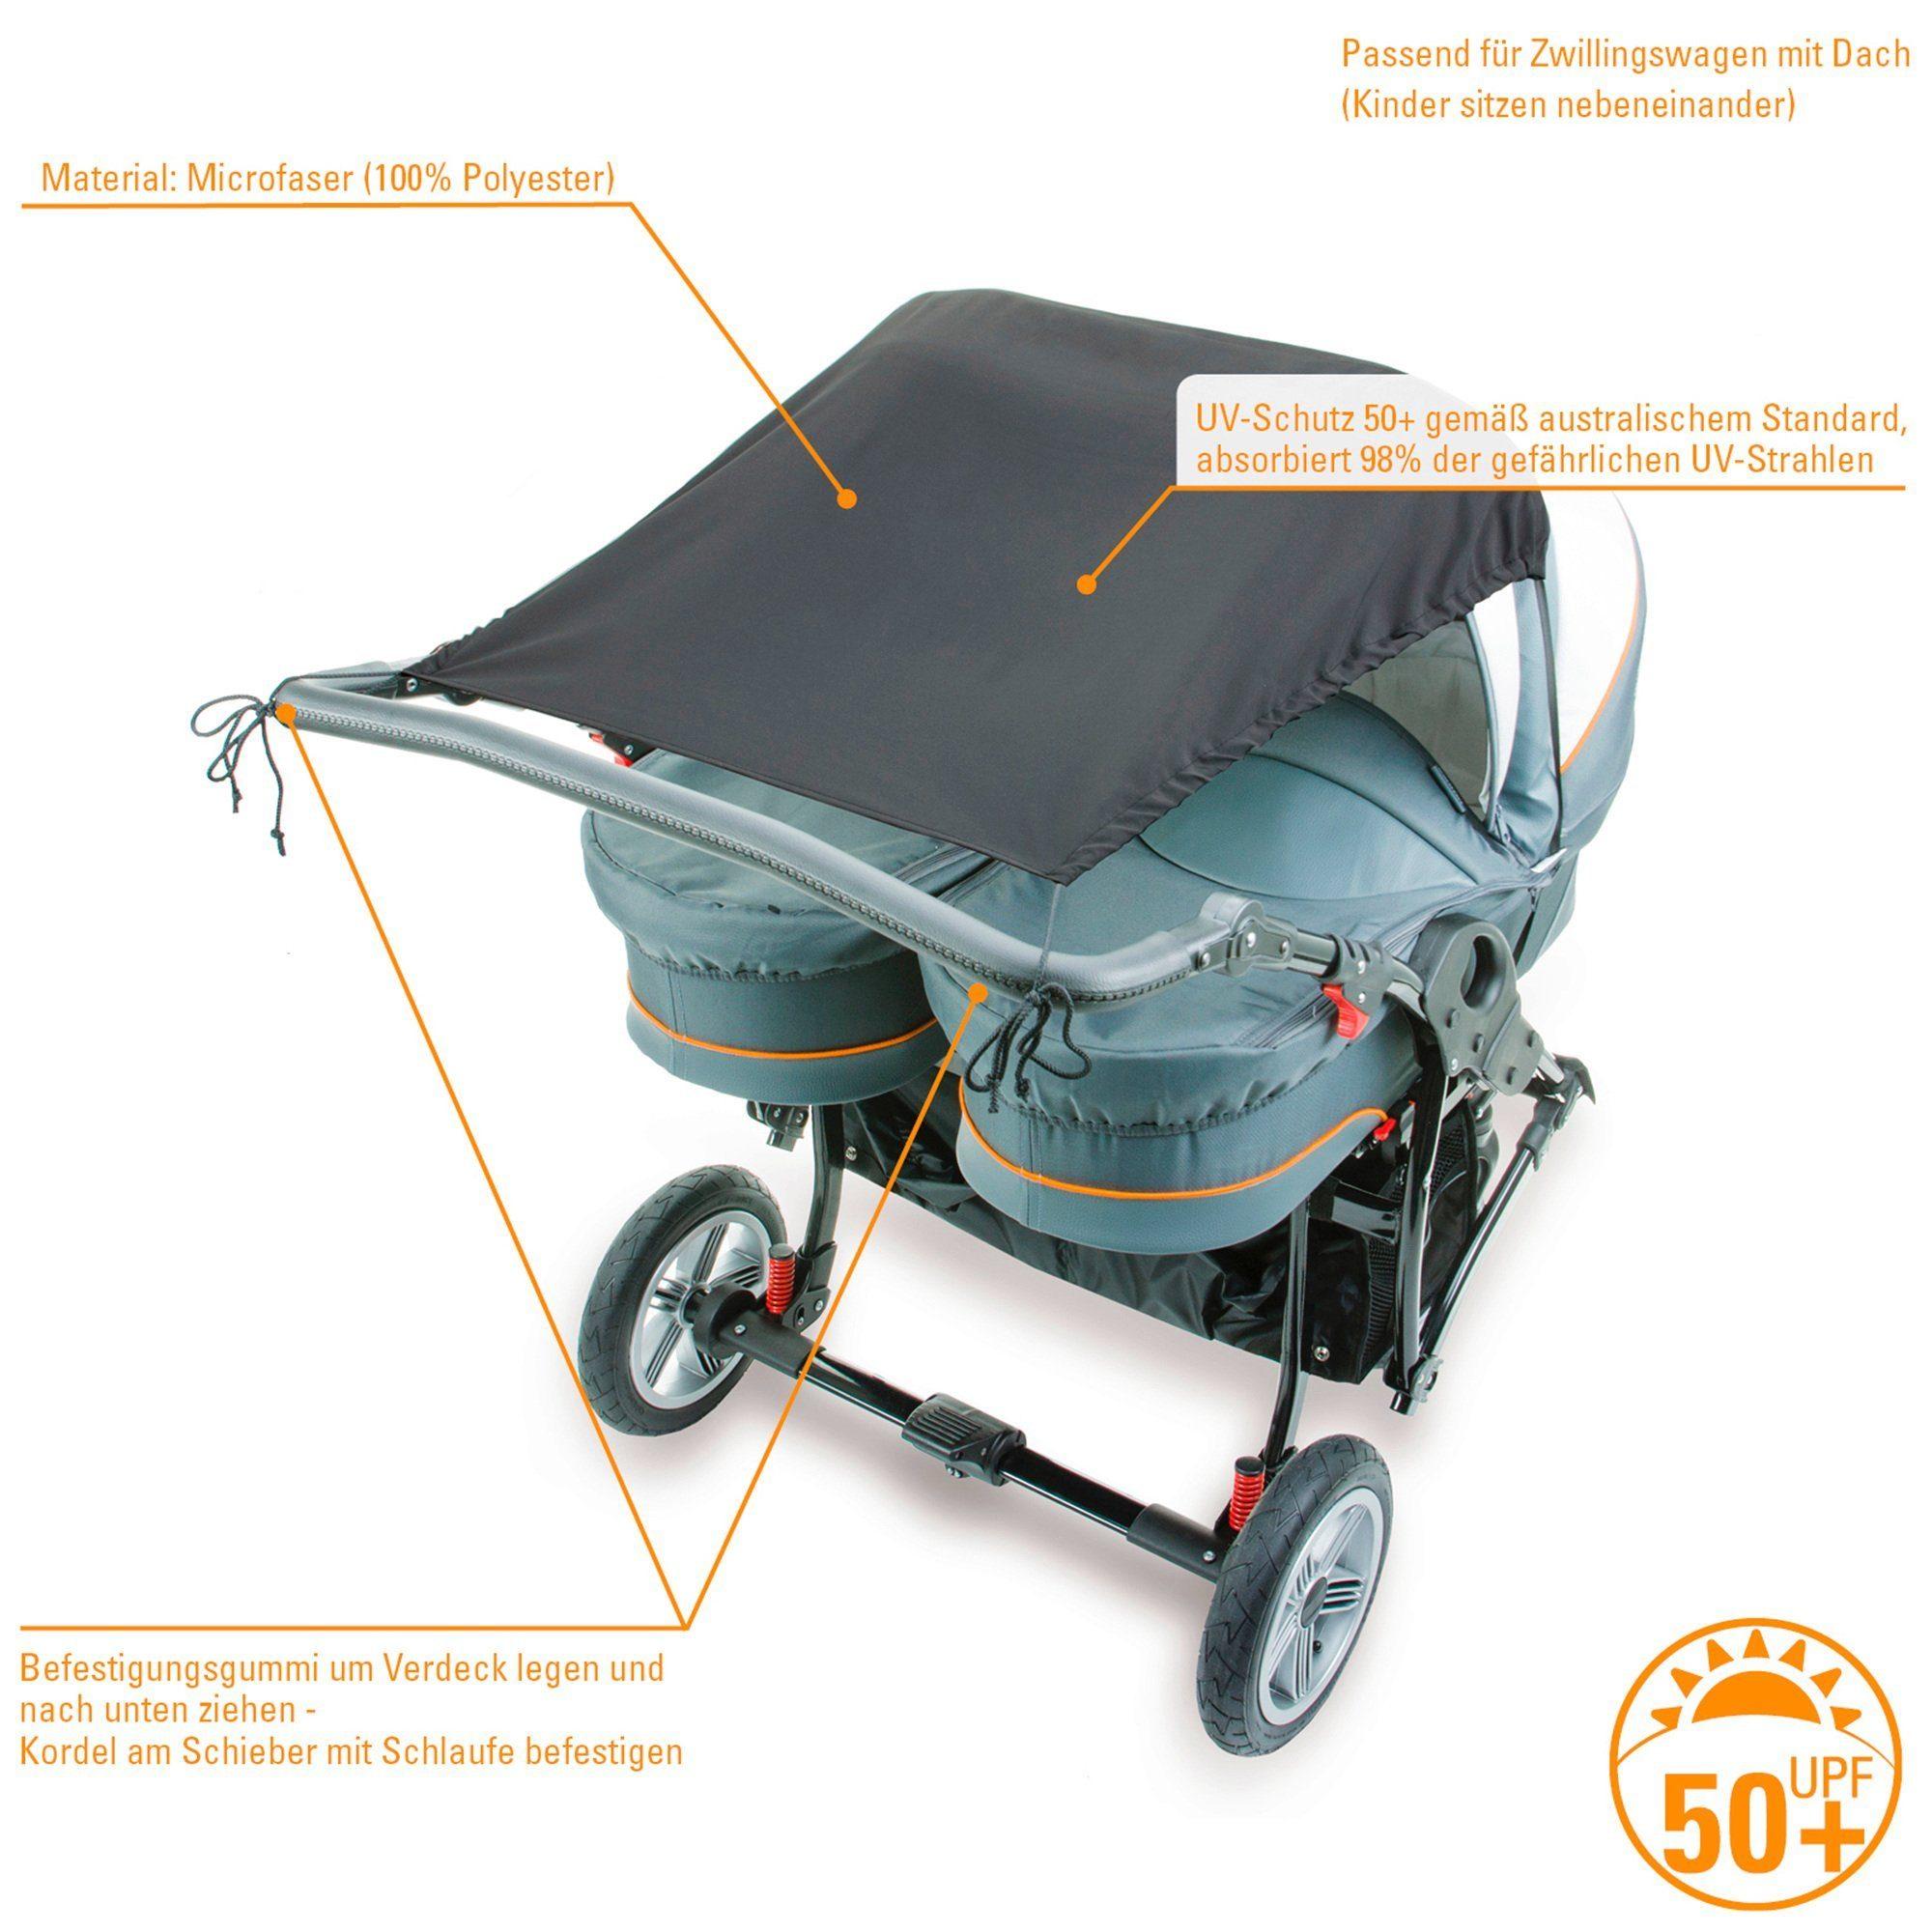 DIAGO Sonnensegel mit UV-Schutz für Zwillingswagen